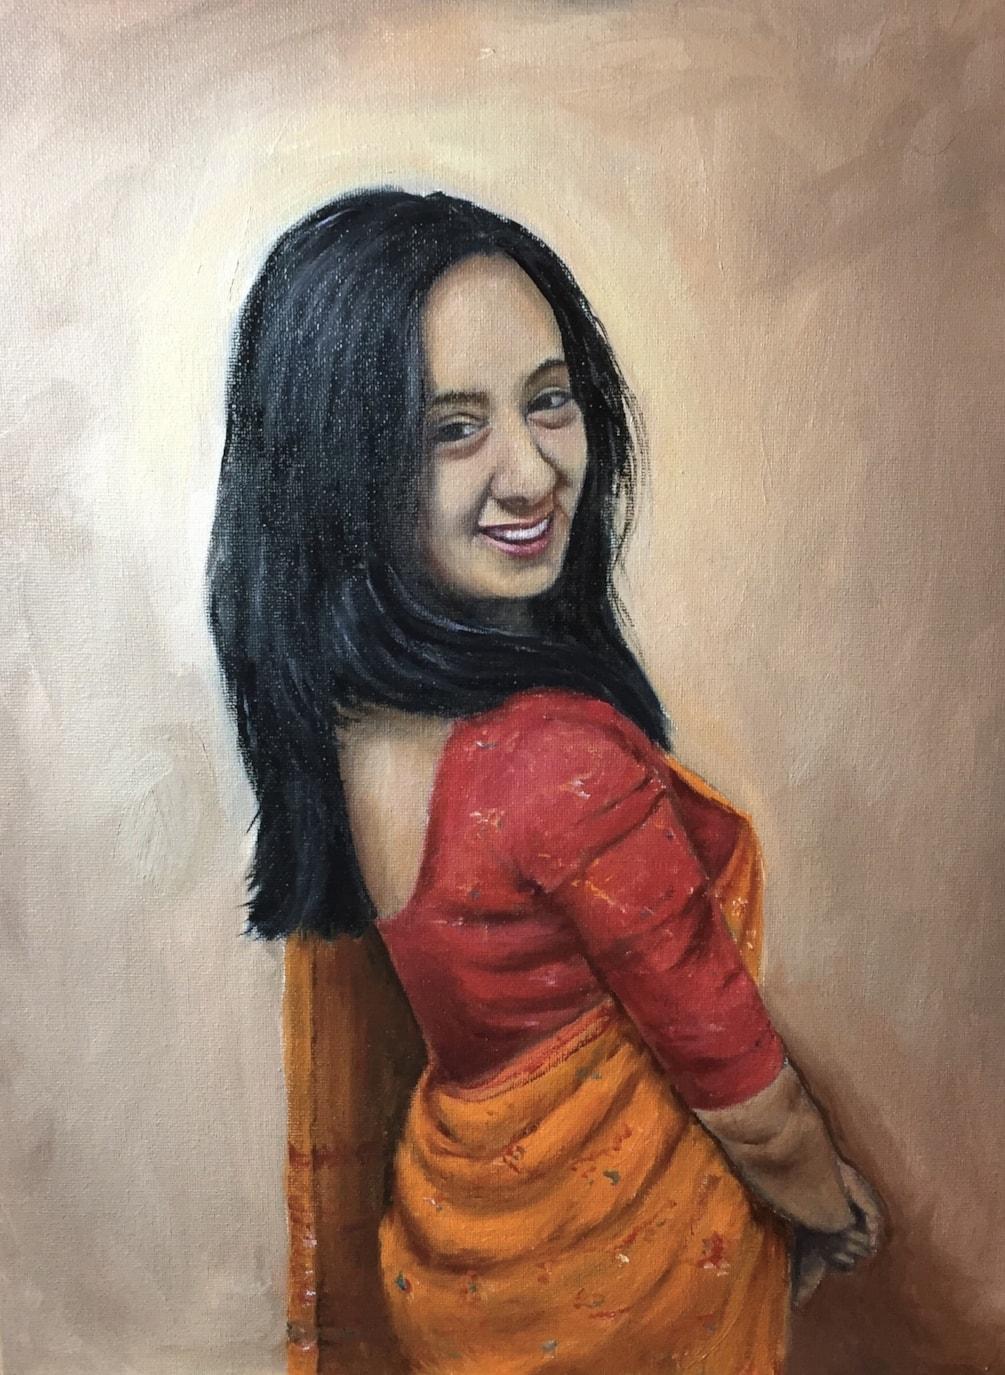 The orange sari